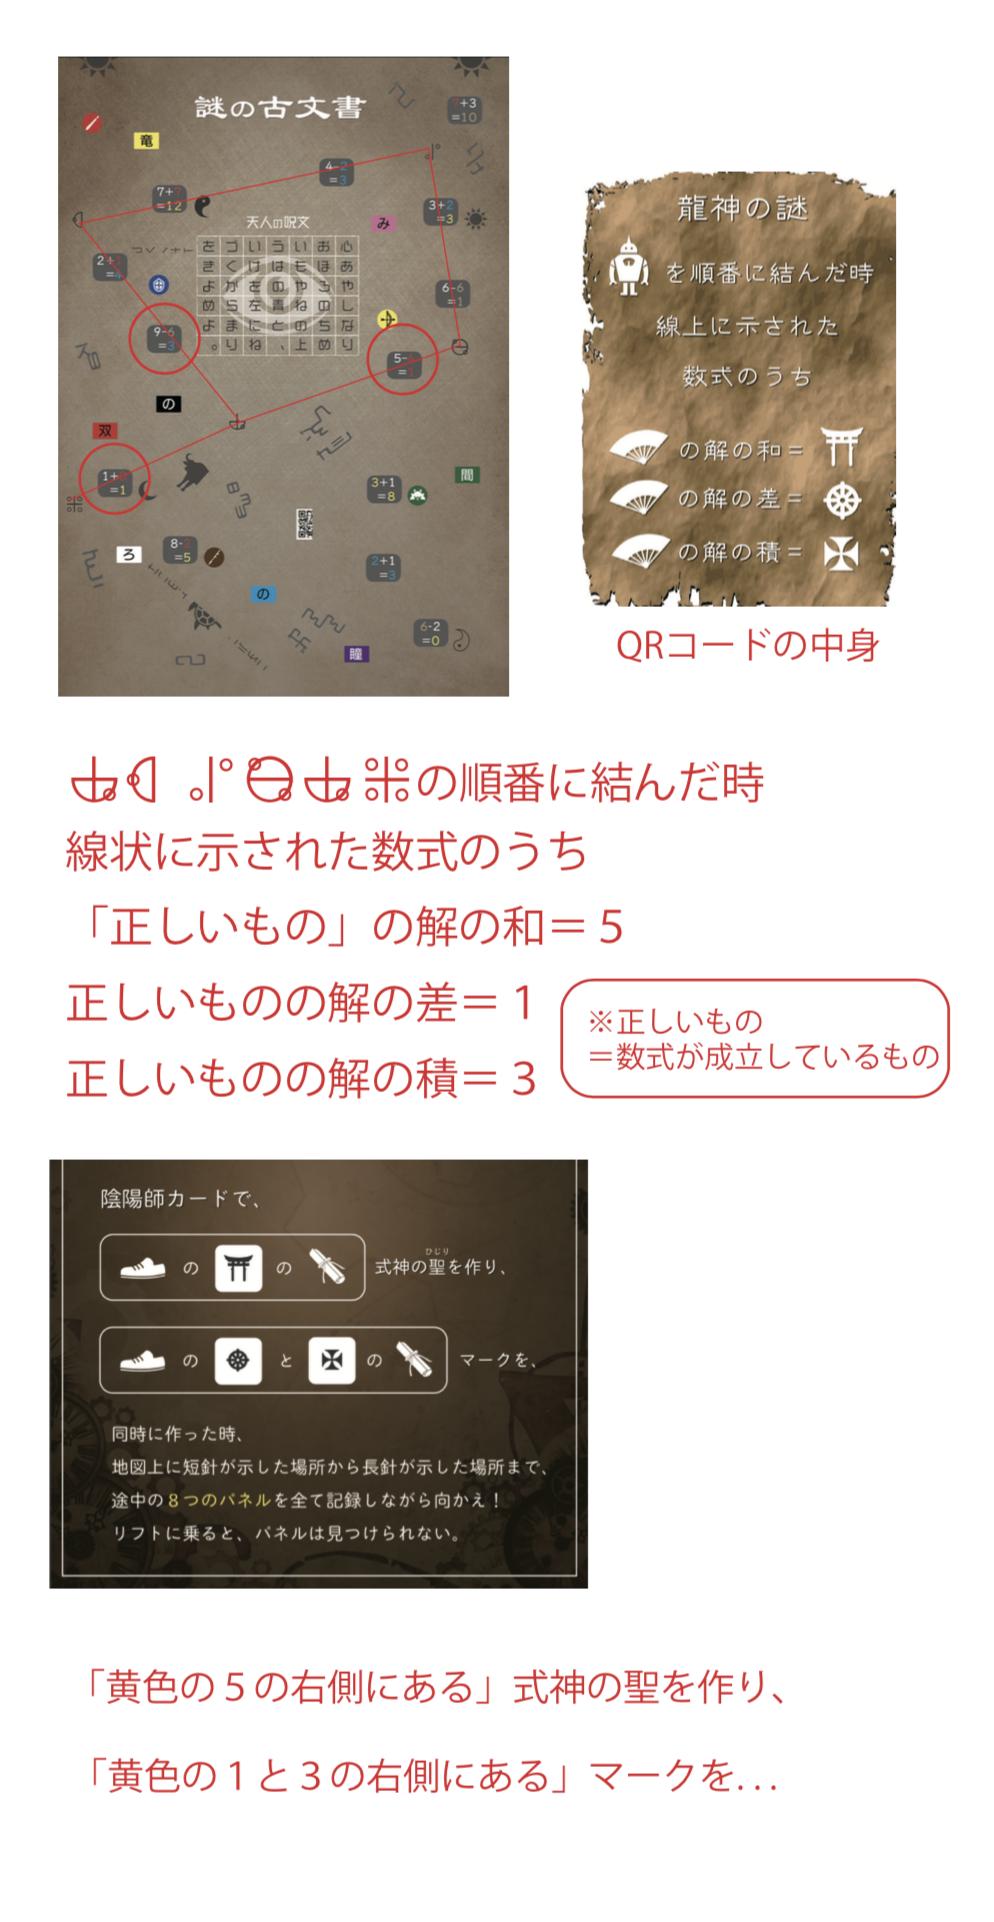 スクリーンショット 2018-09-08 21.55.57